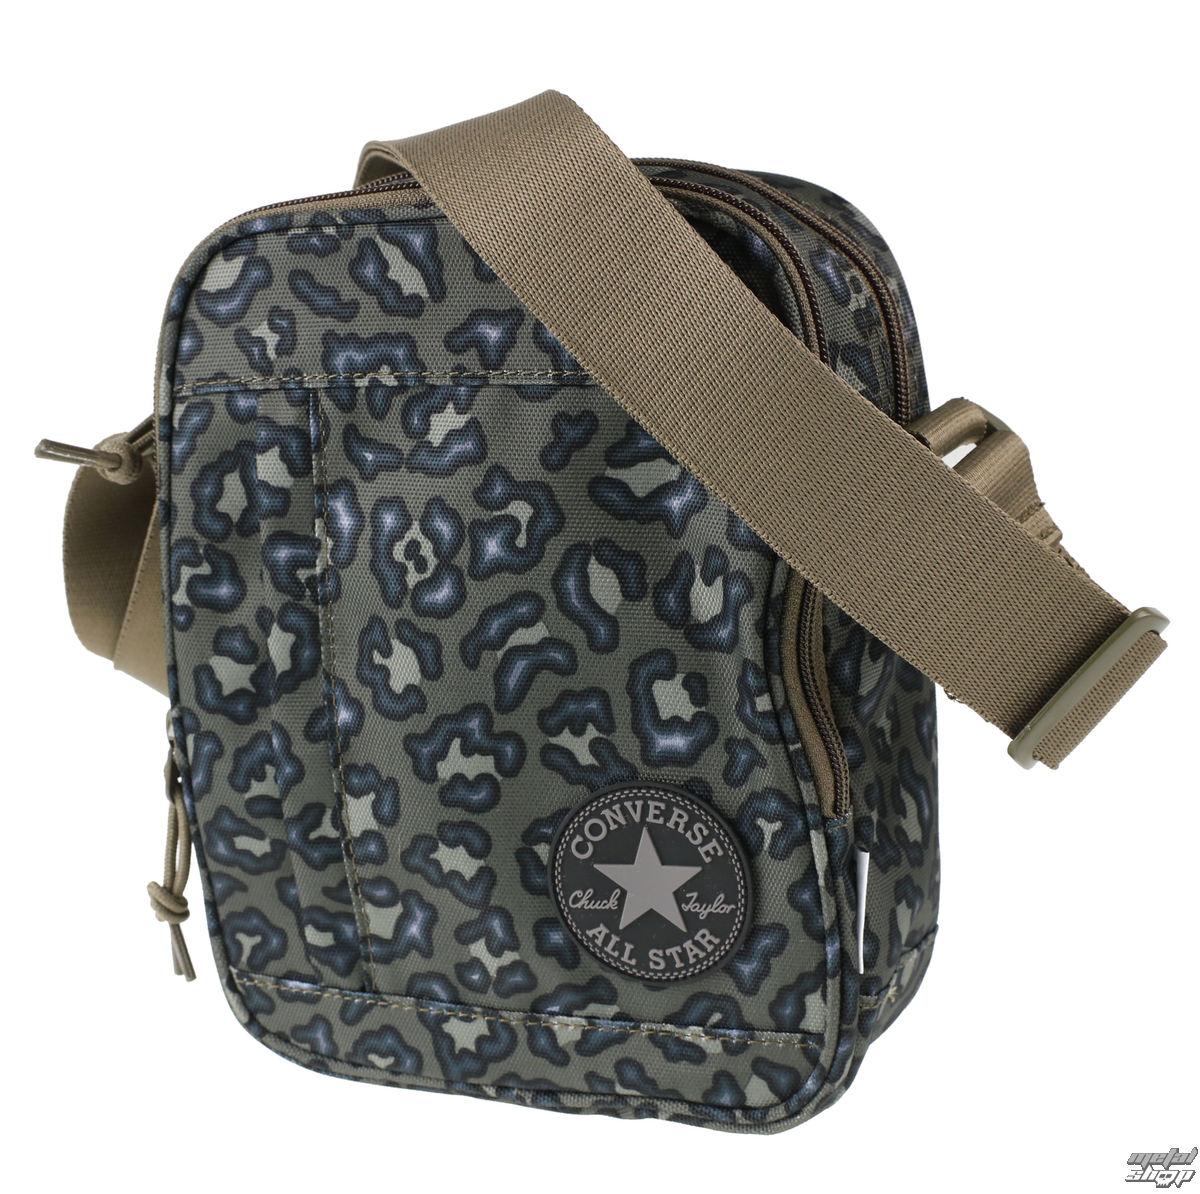 dd02d335080 Small Shoulder Bag CONVERSE - Poly Cross Body - 10003339-A07 - metal ...